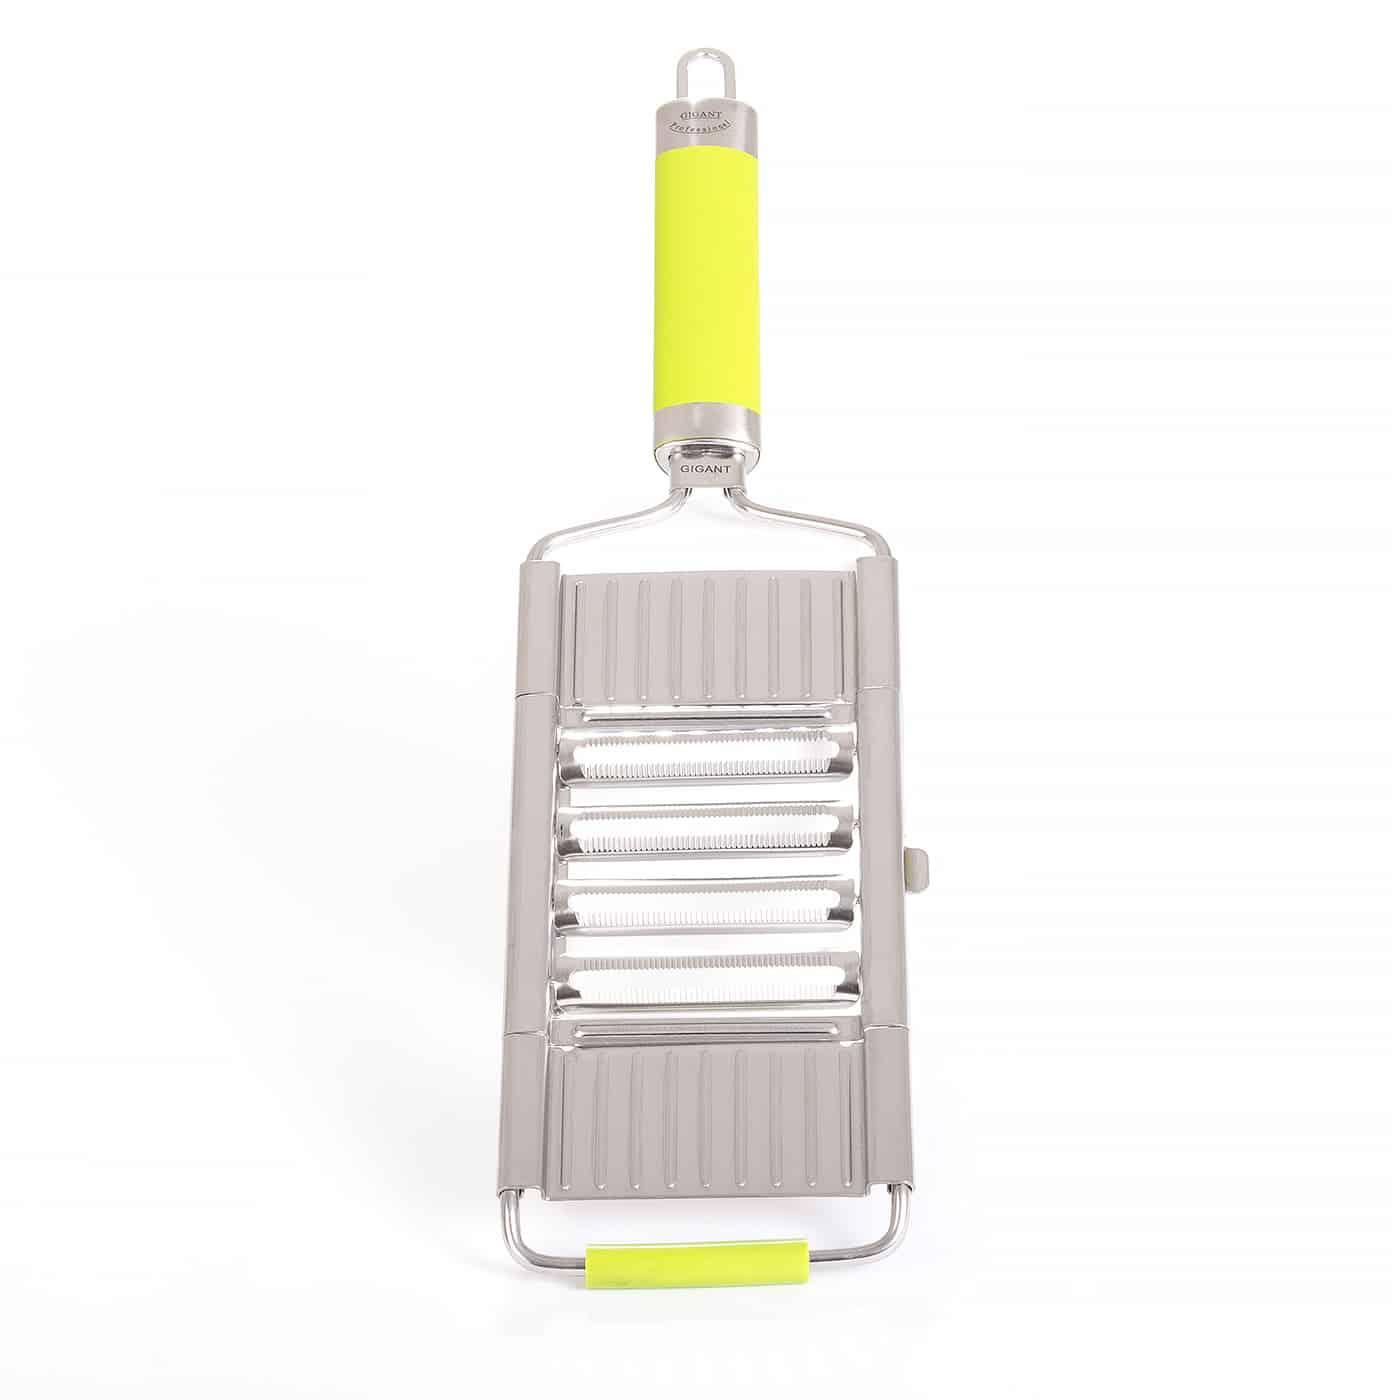 kitchen dicer slicer tools and gadgets nova set - including peeler uk